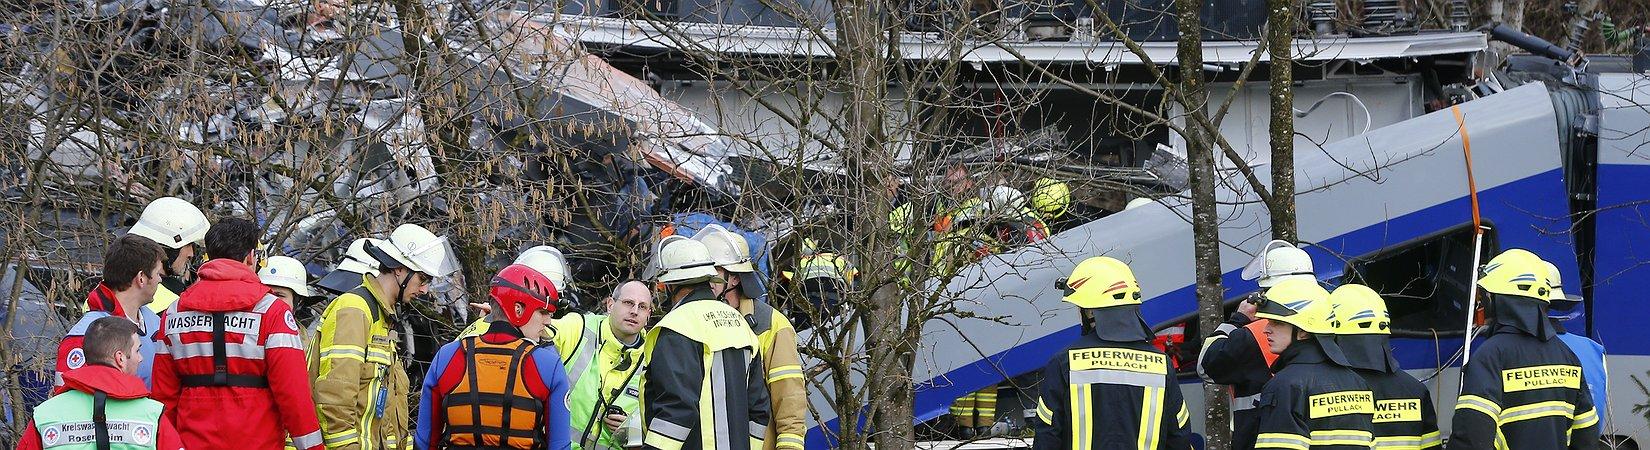 Incidente ferroviario in Baviera, morti e feriti